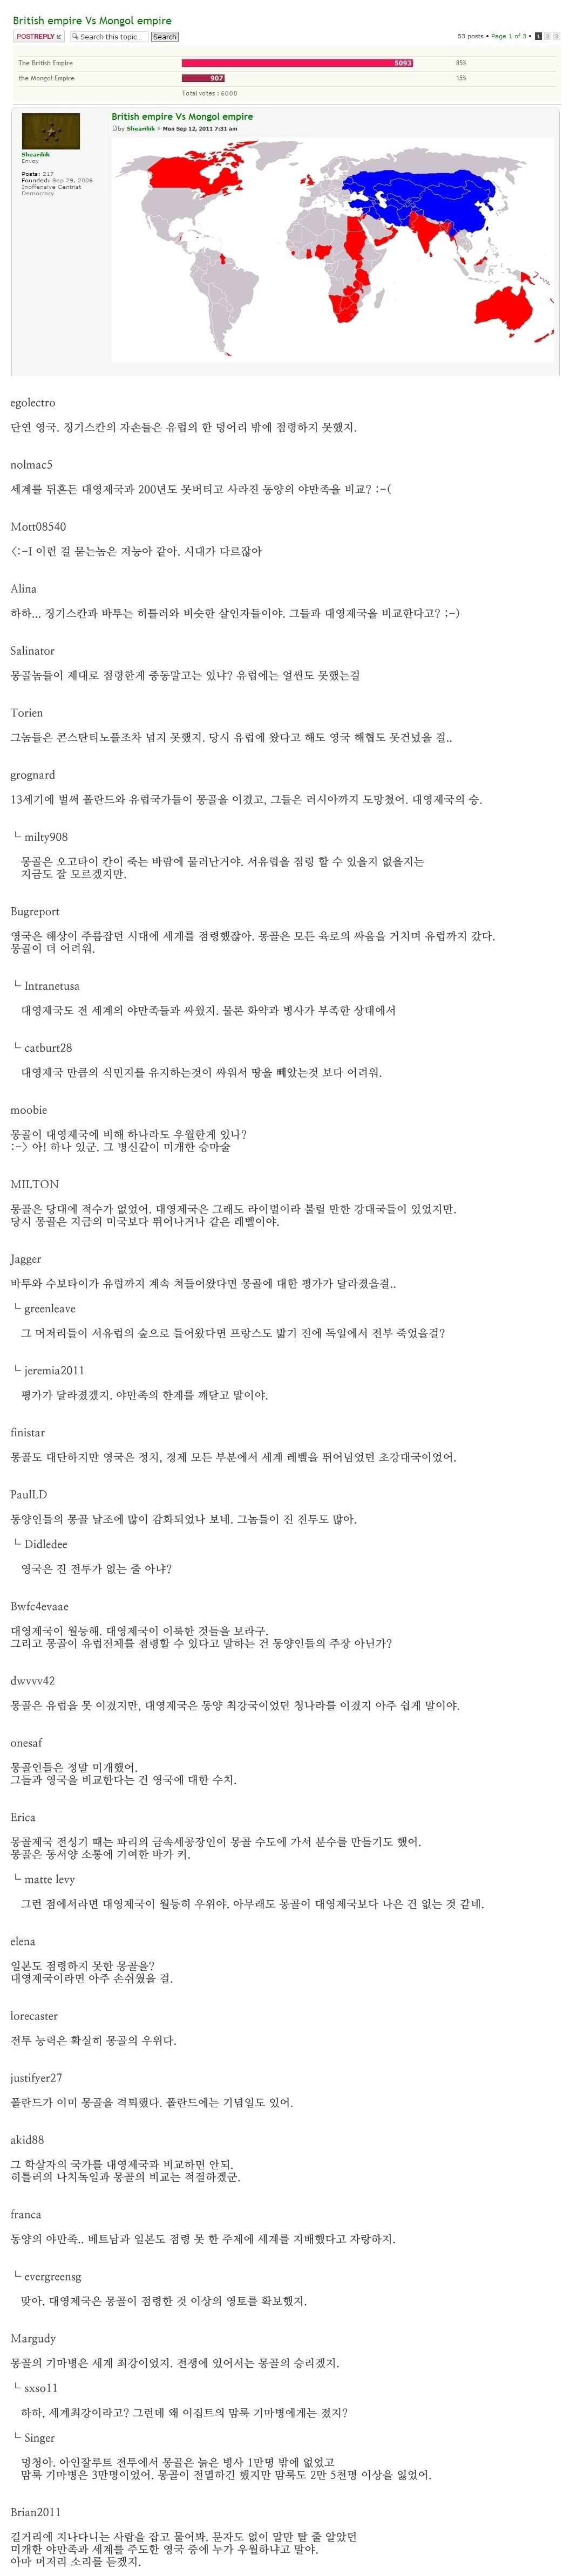 몽골제국 vs 대영제국 해외 네티즌 논쟁.jpg